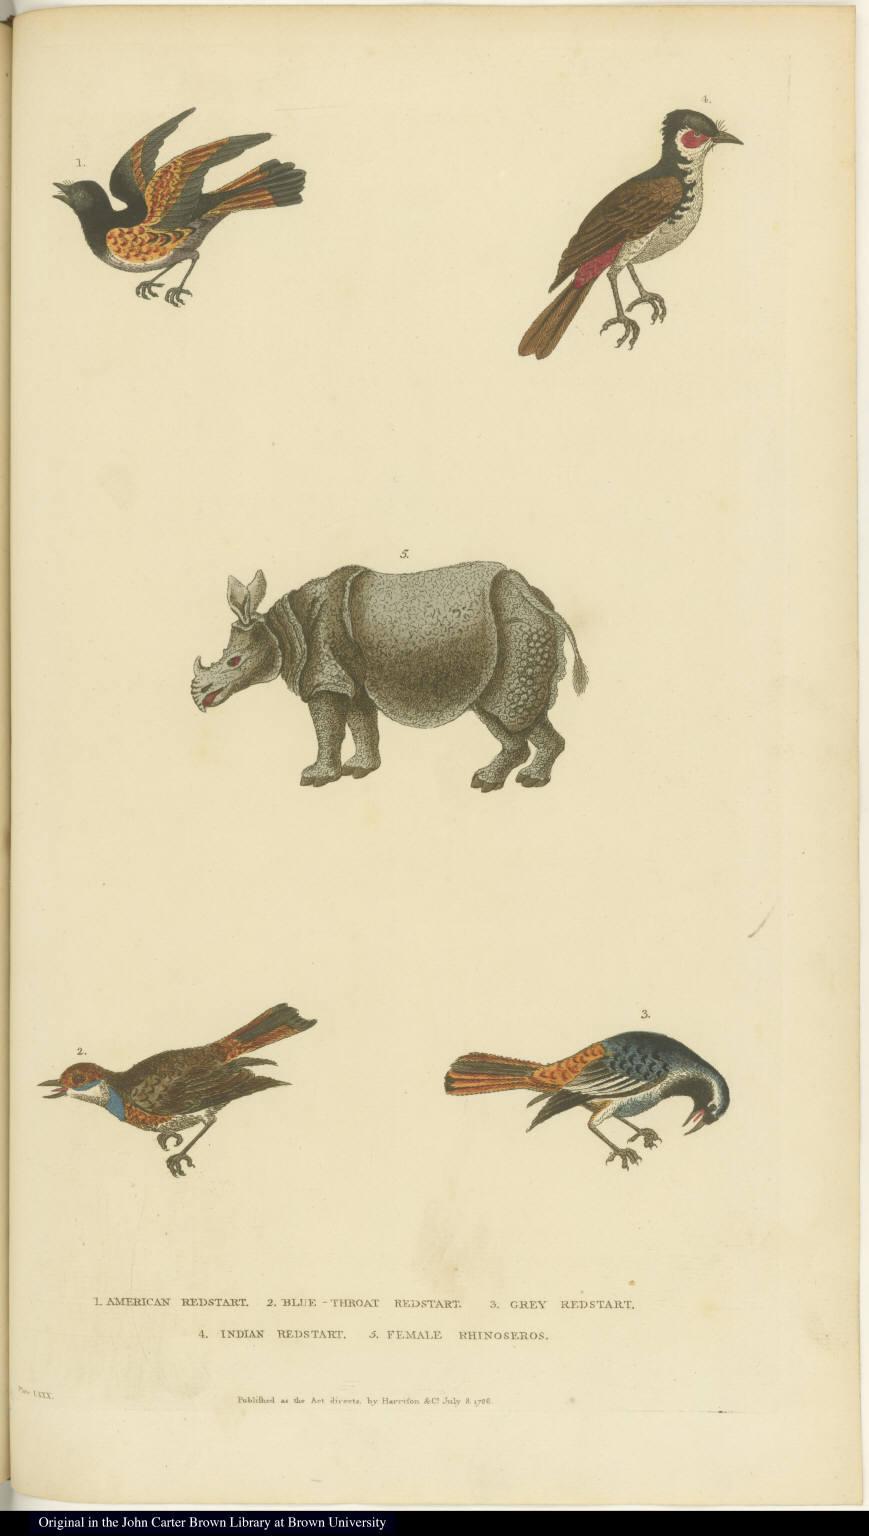 [Various birds and a rhinoceros]